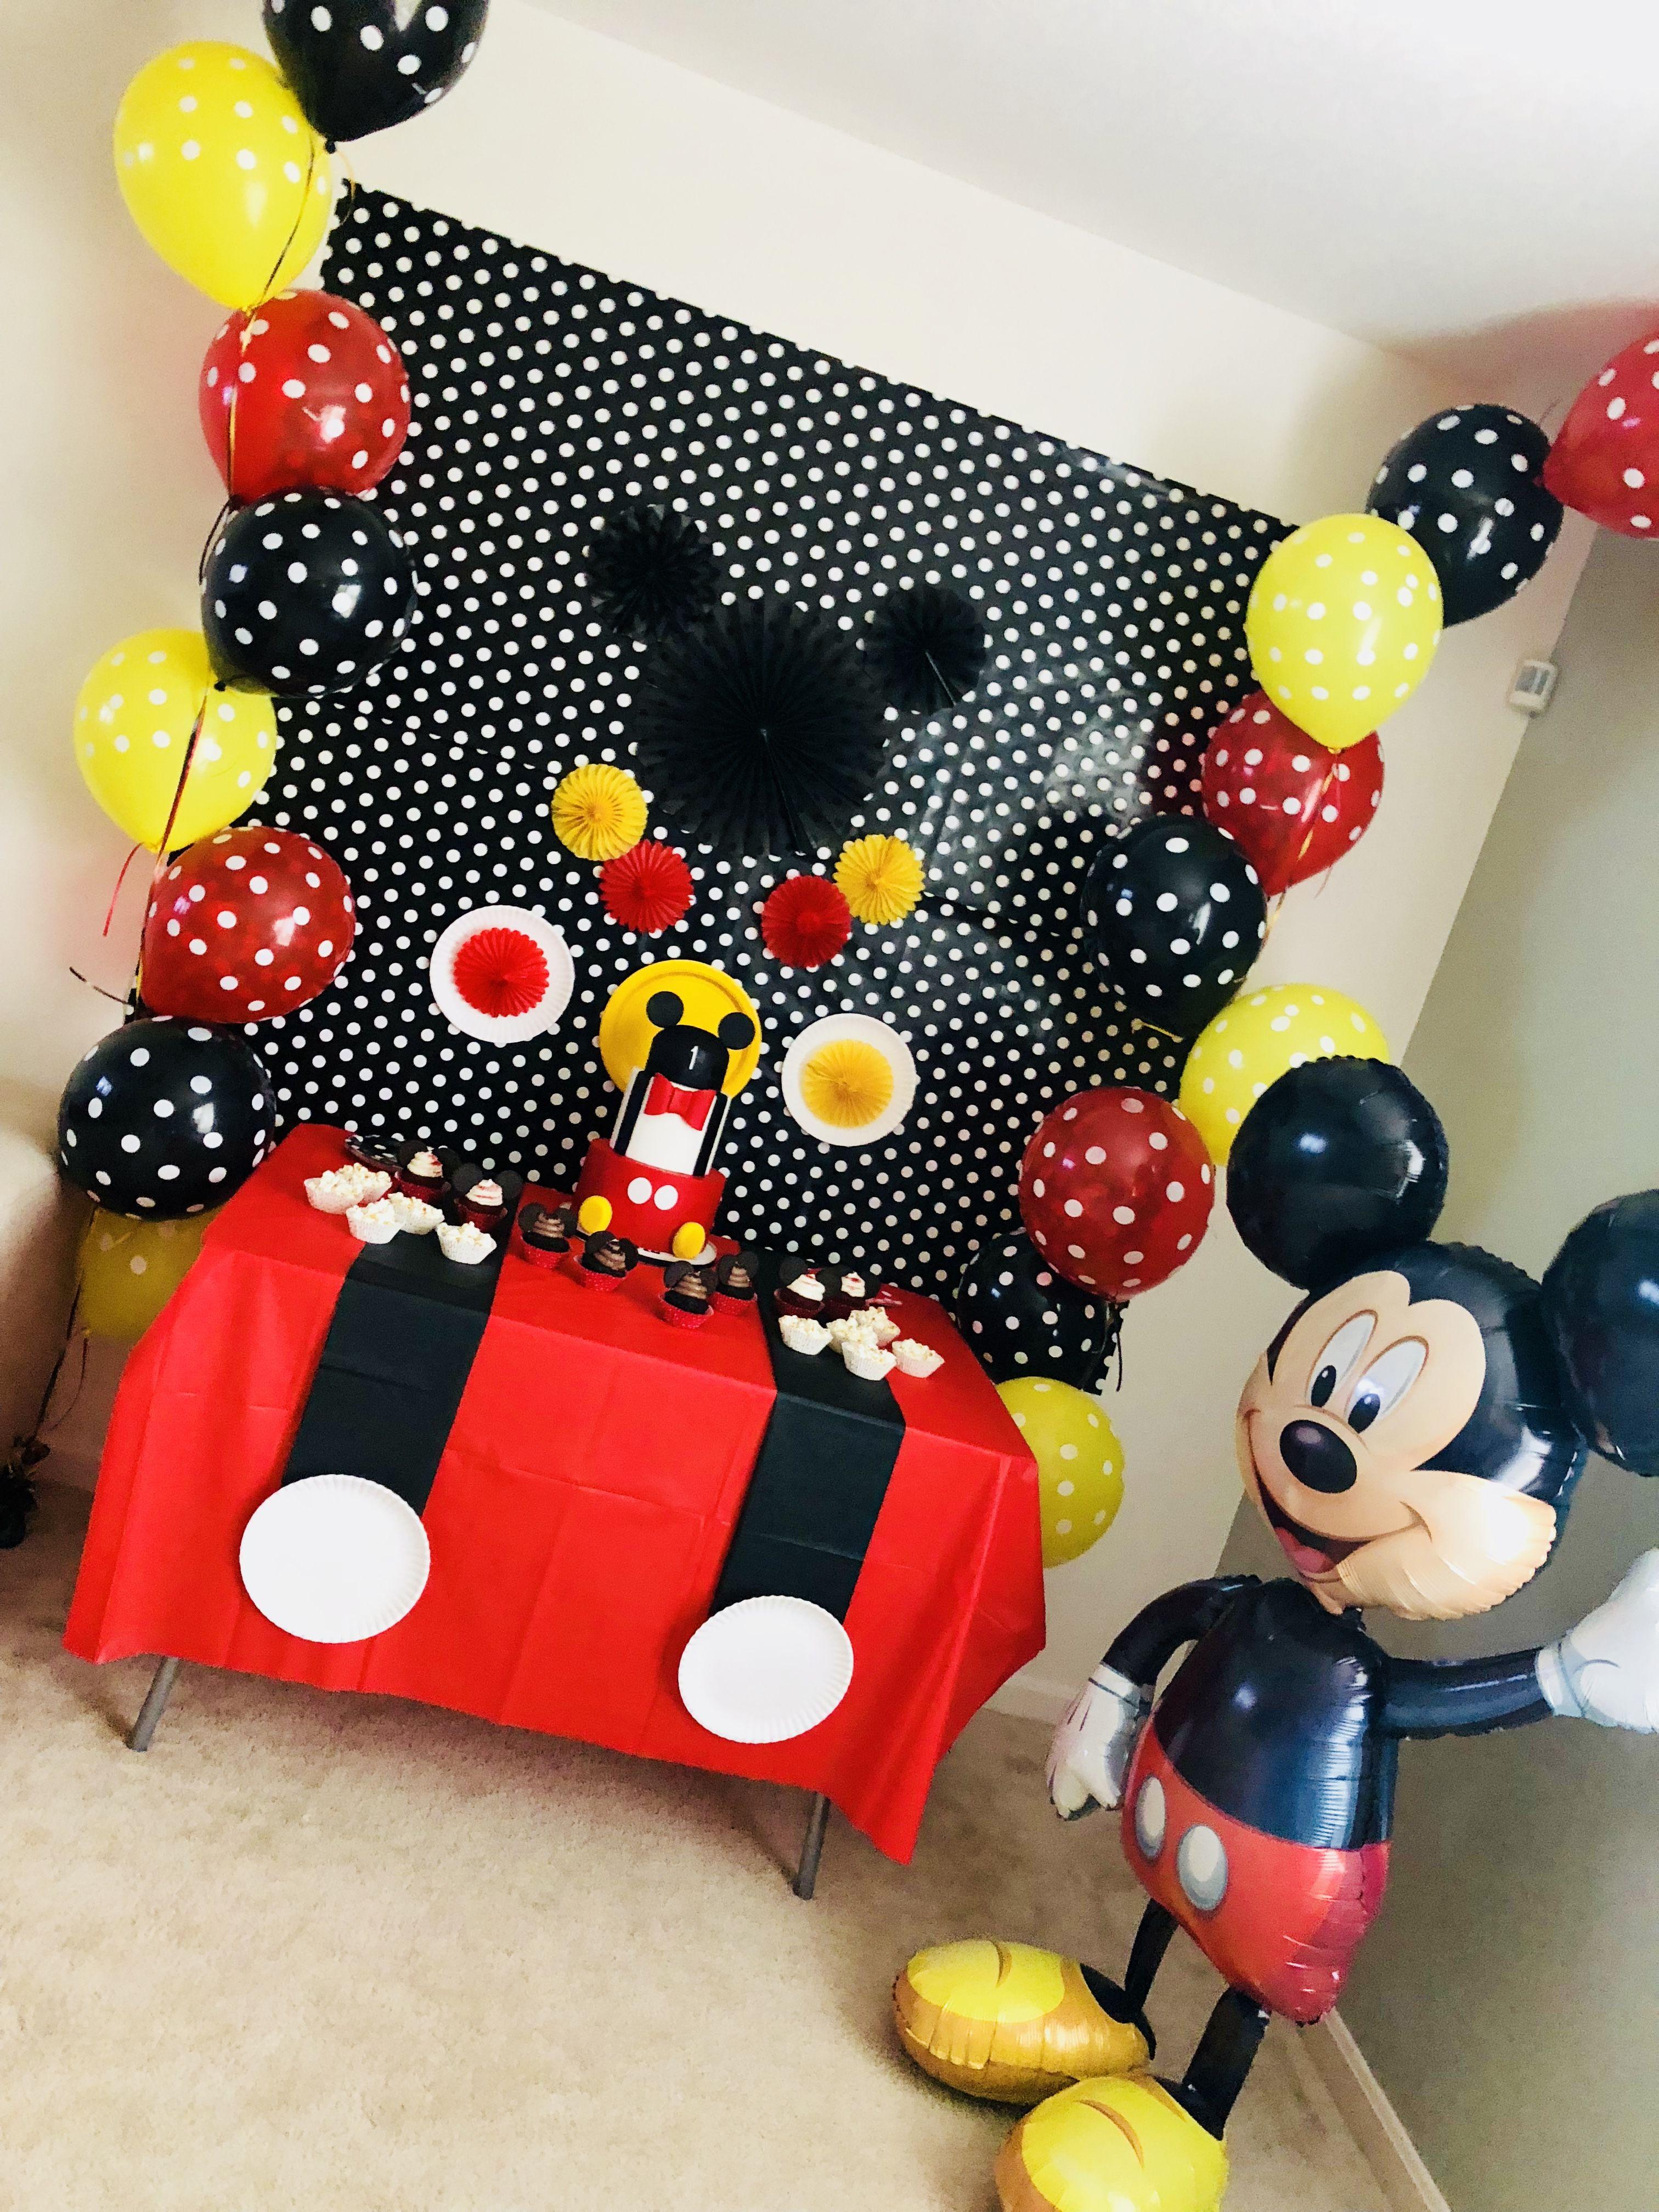 mickey birthday decoration